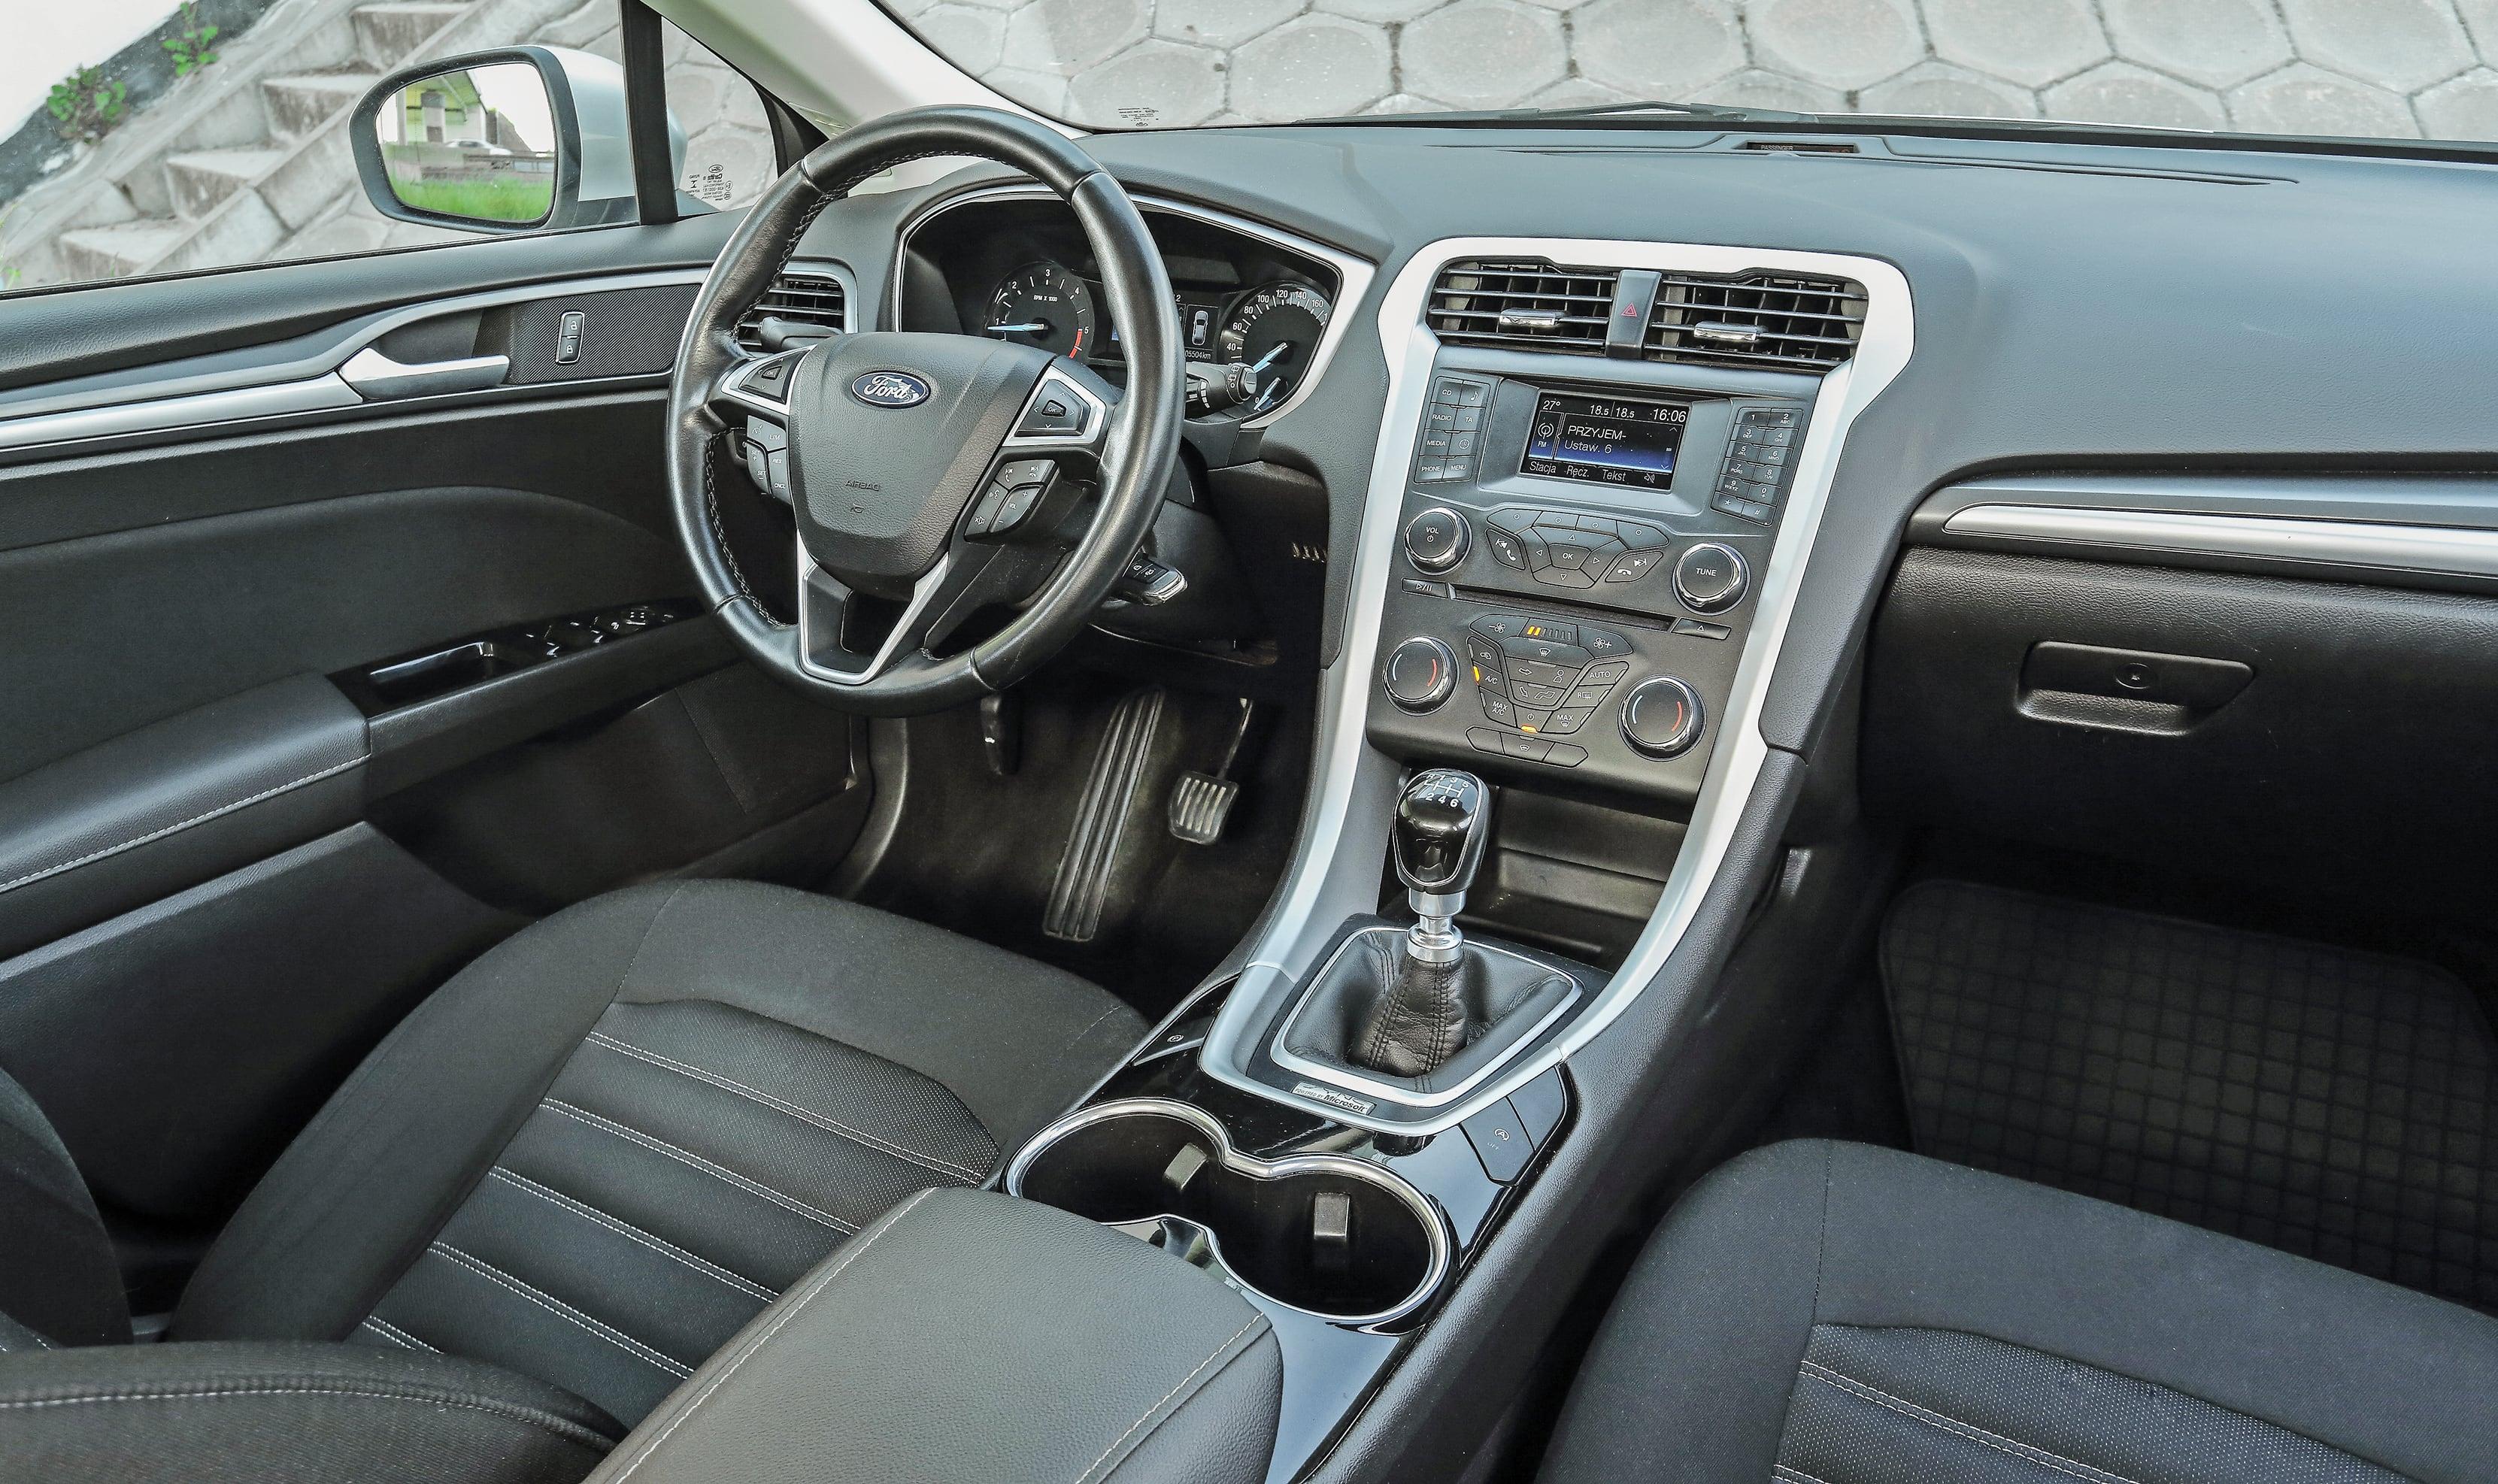 Ford Mondeo Mk5 2.0 TDCi deska rozdzielcza